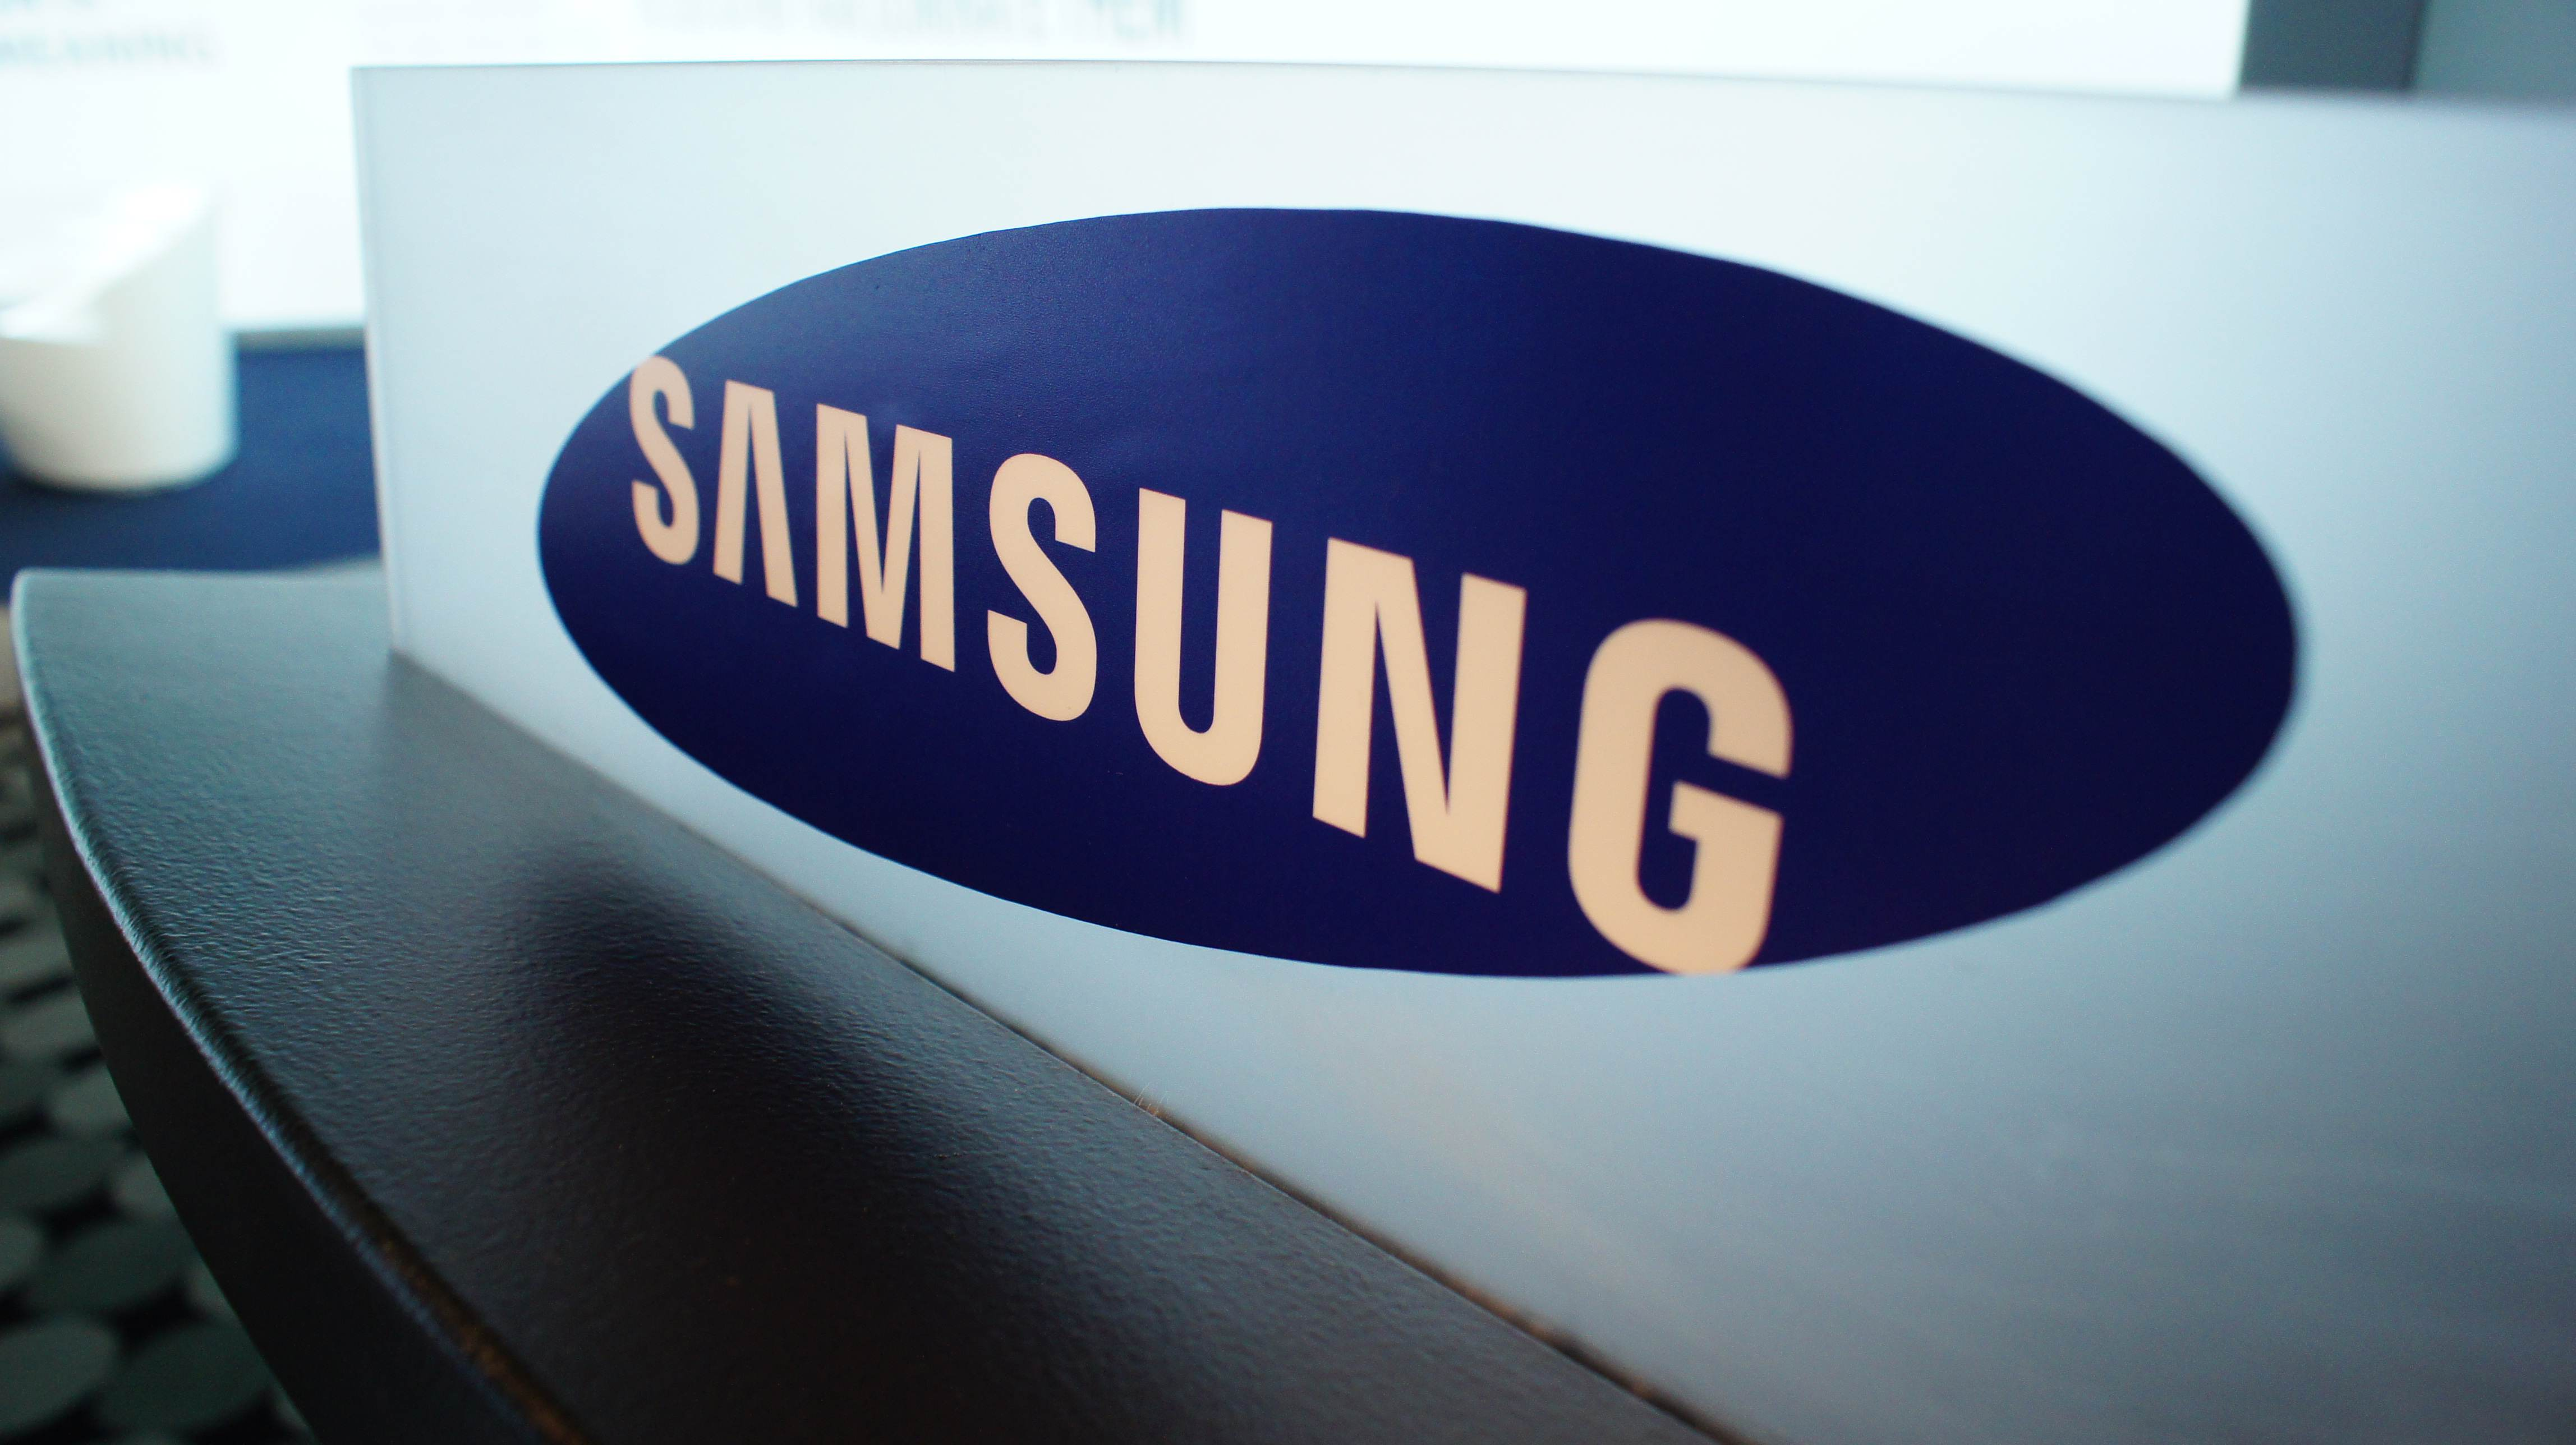 Fall Of The Autumn Hd Wallpaper Samsung Logo Wallpapers Pixelstalk Net